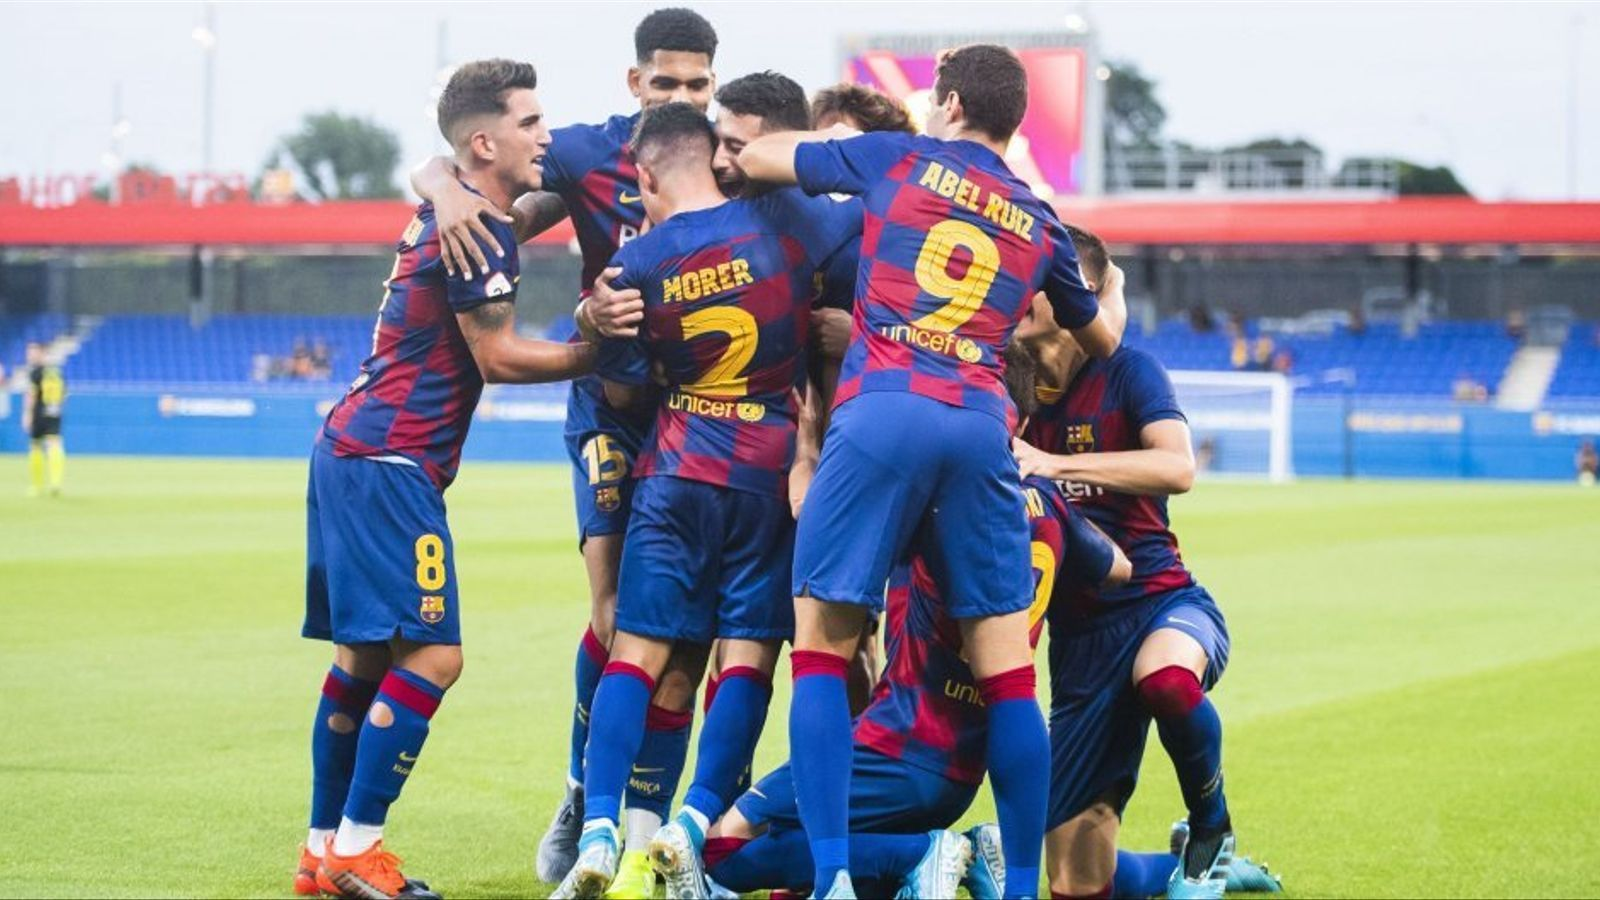 El Barça B afronta el 'play-off' d'ascens amb la plantilla més curta de tots els aspirants